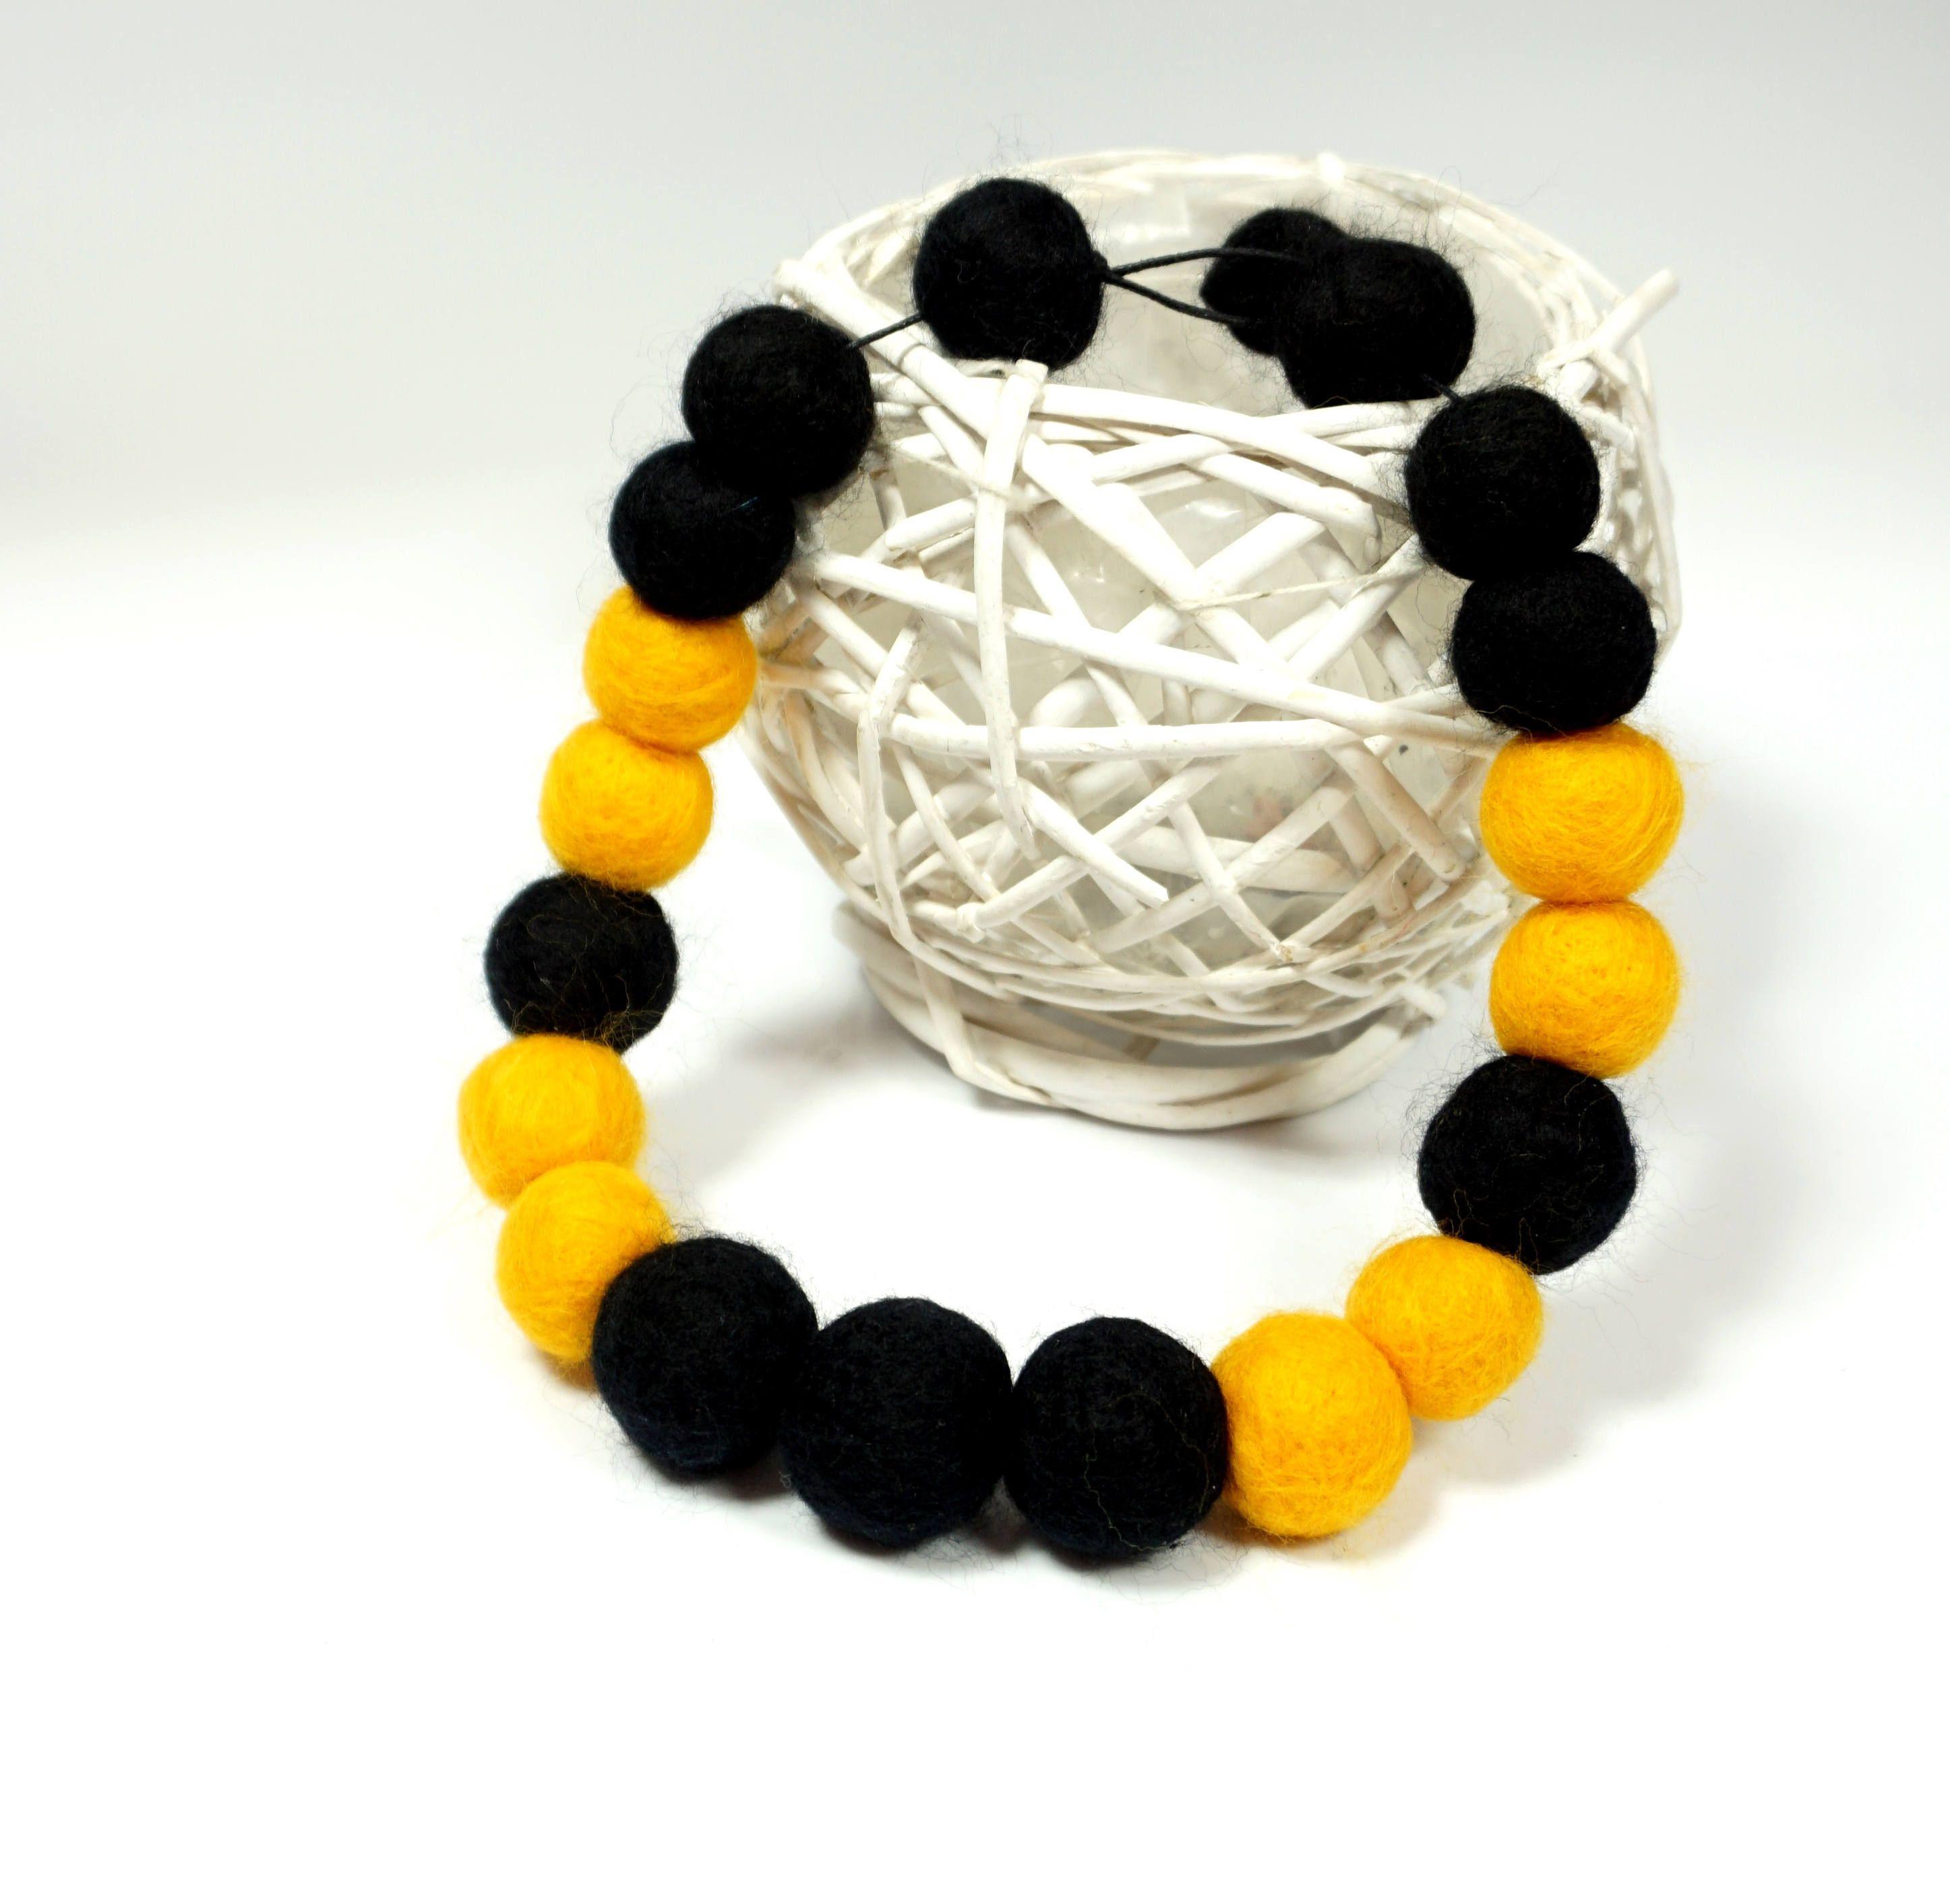 Felted necklace, Feltmondo, Felt necklace, Felt beads necklace, Wool necklace, by Feltmondo on Etsy